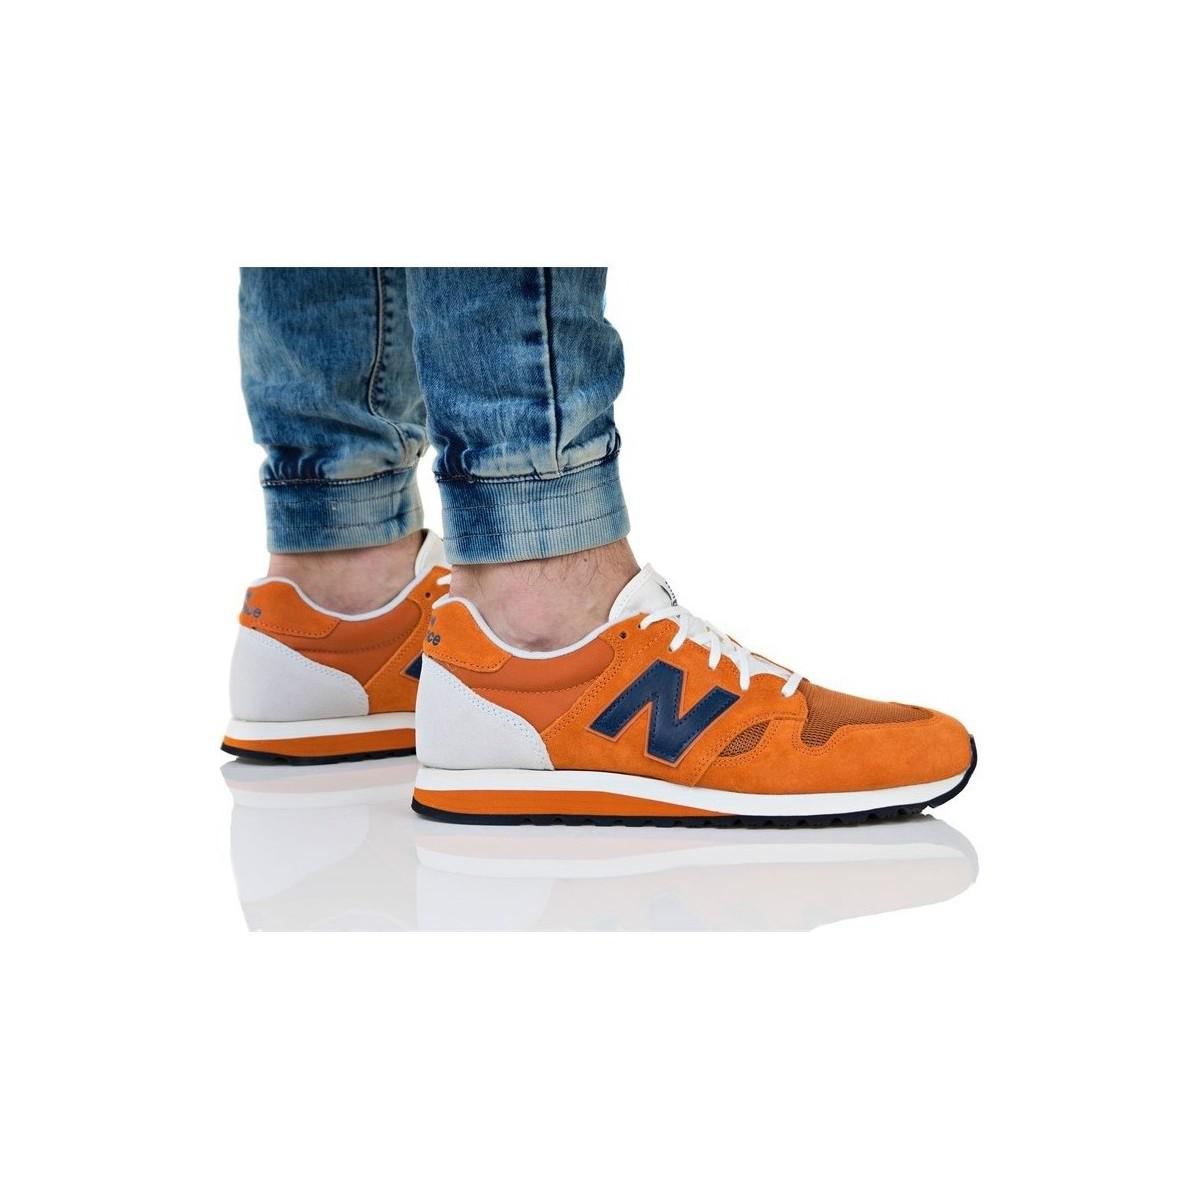 new balance 520 homme orange